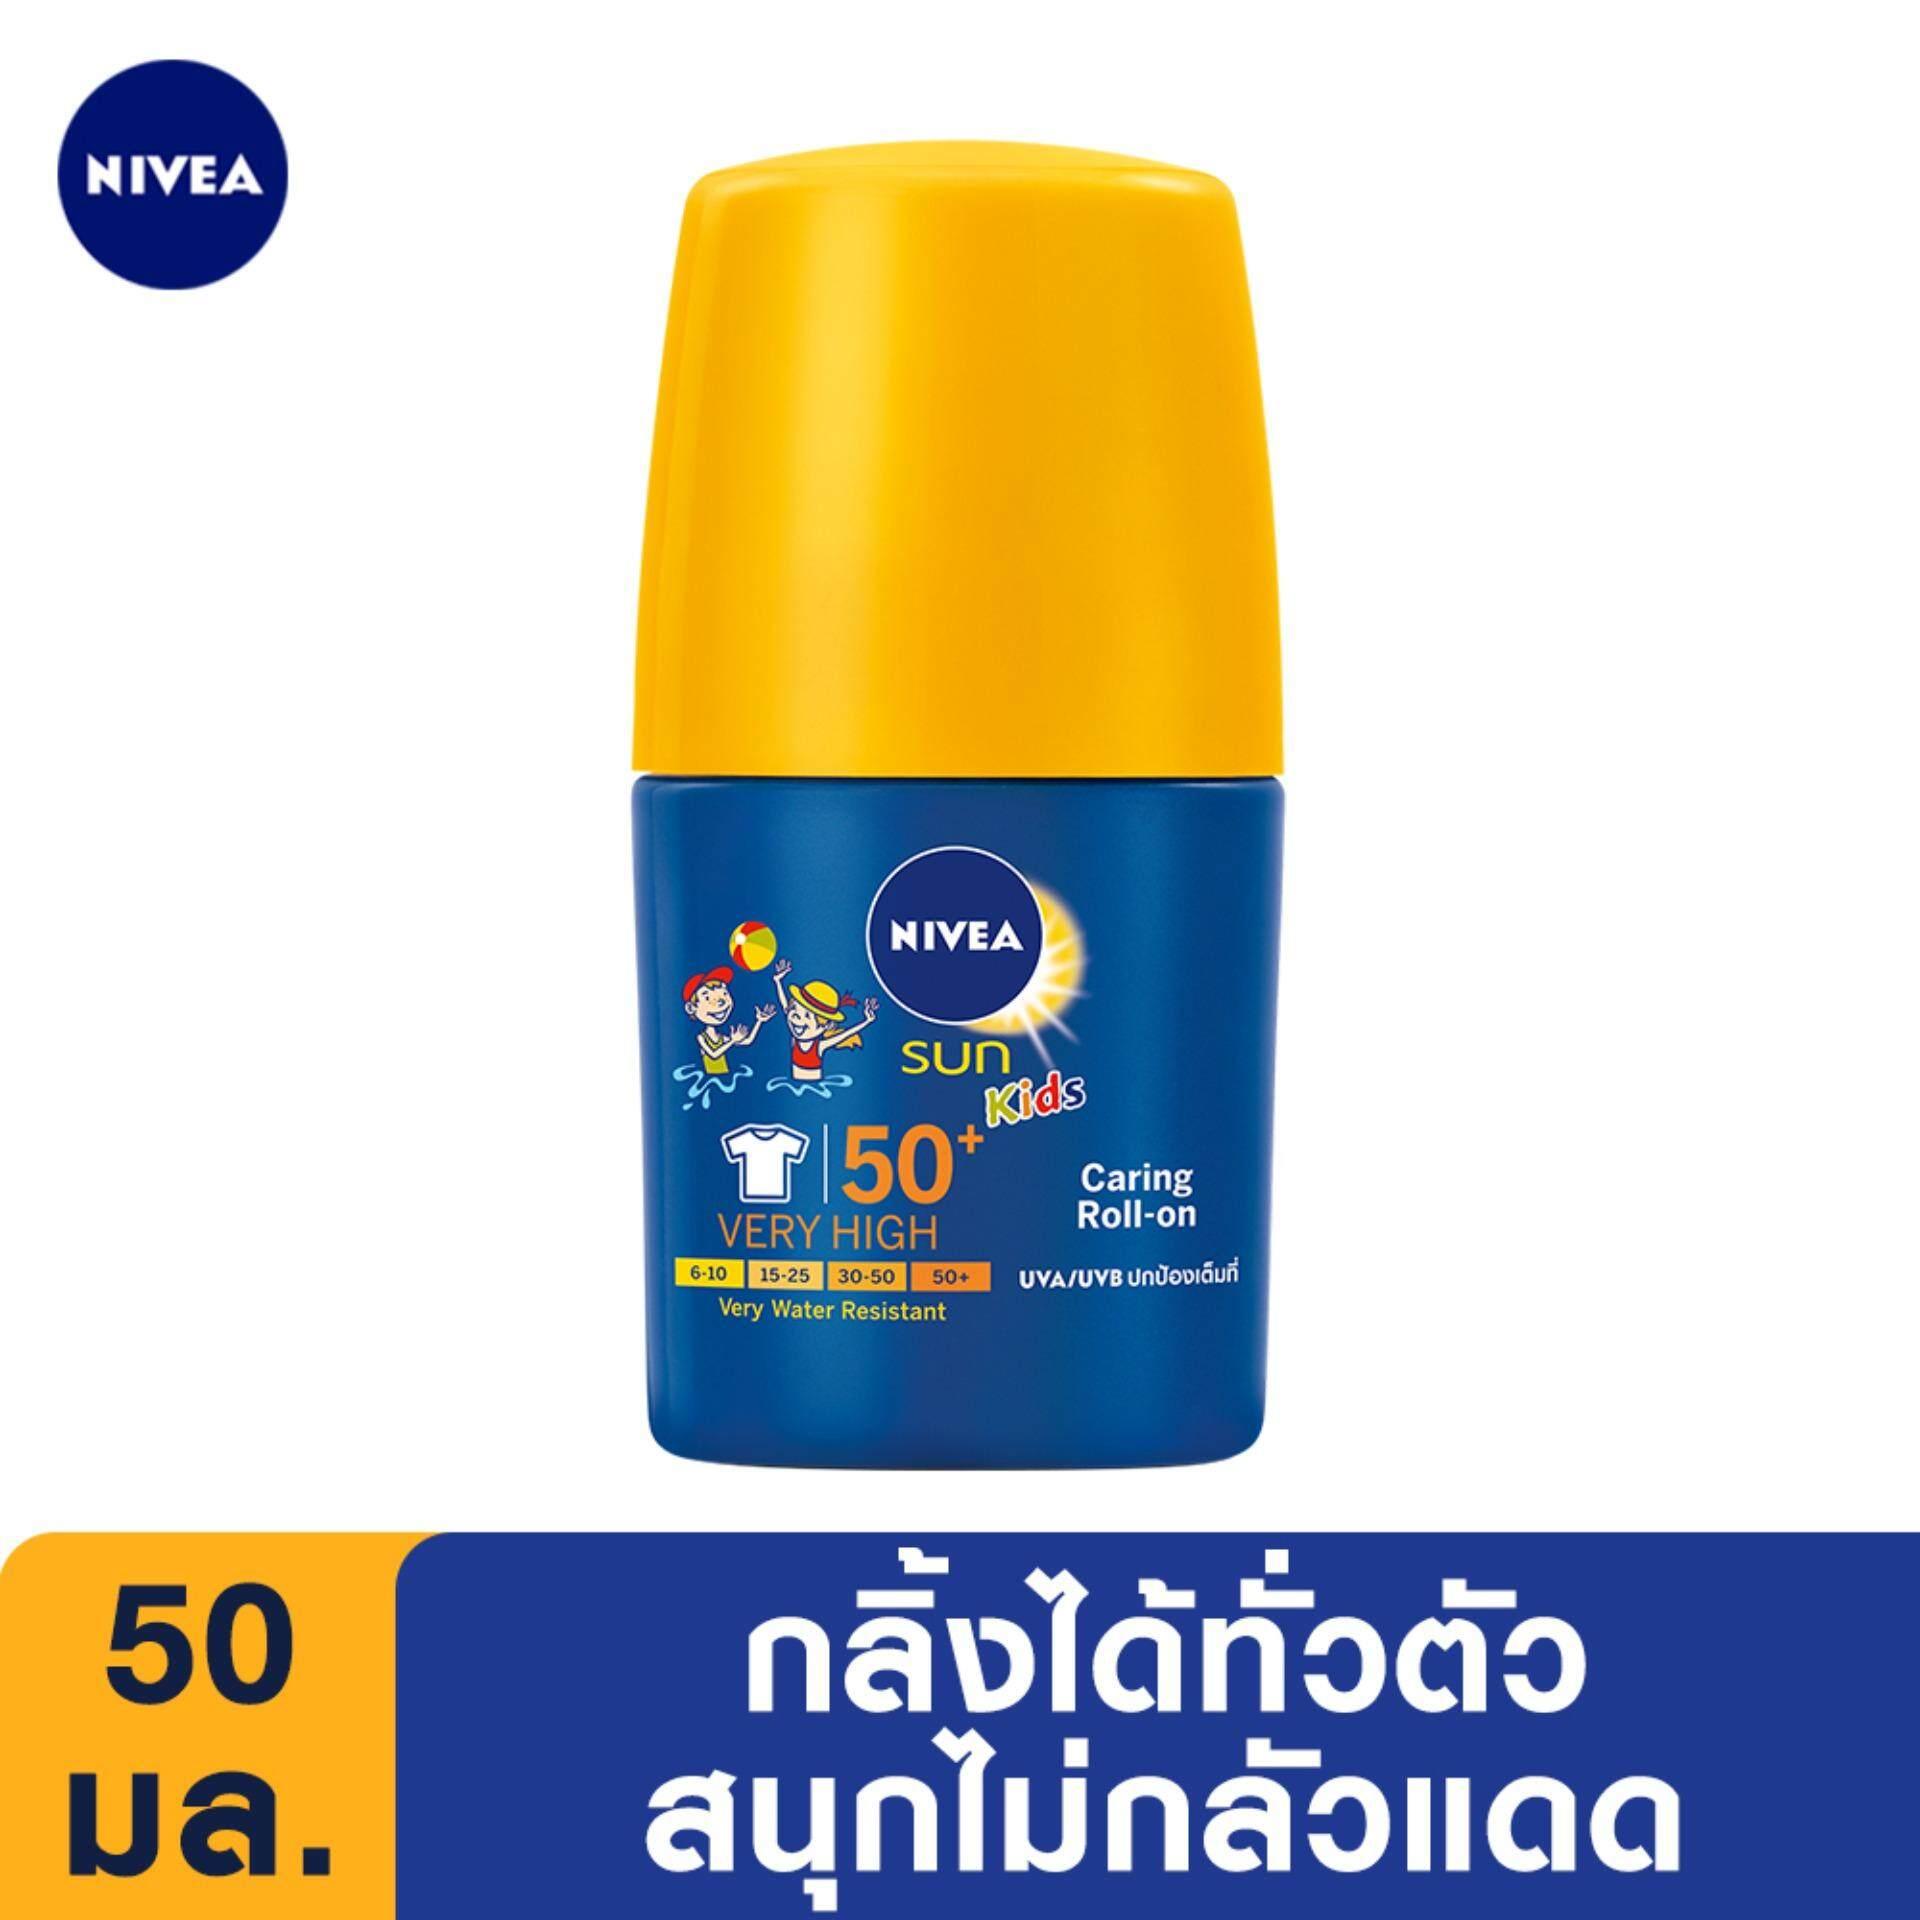 ราคา นีเวีย ซัน คิดส์ โรล ออน เอสพีเอฟ 50 50 มล Nivea Sun Kids Roll On Spf50 50 Ml ที่สุด